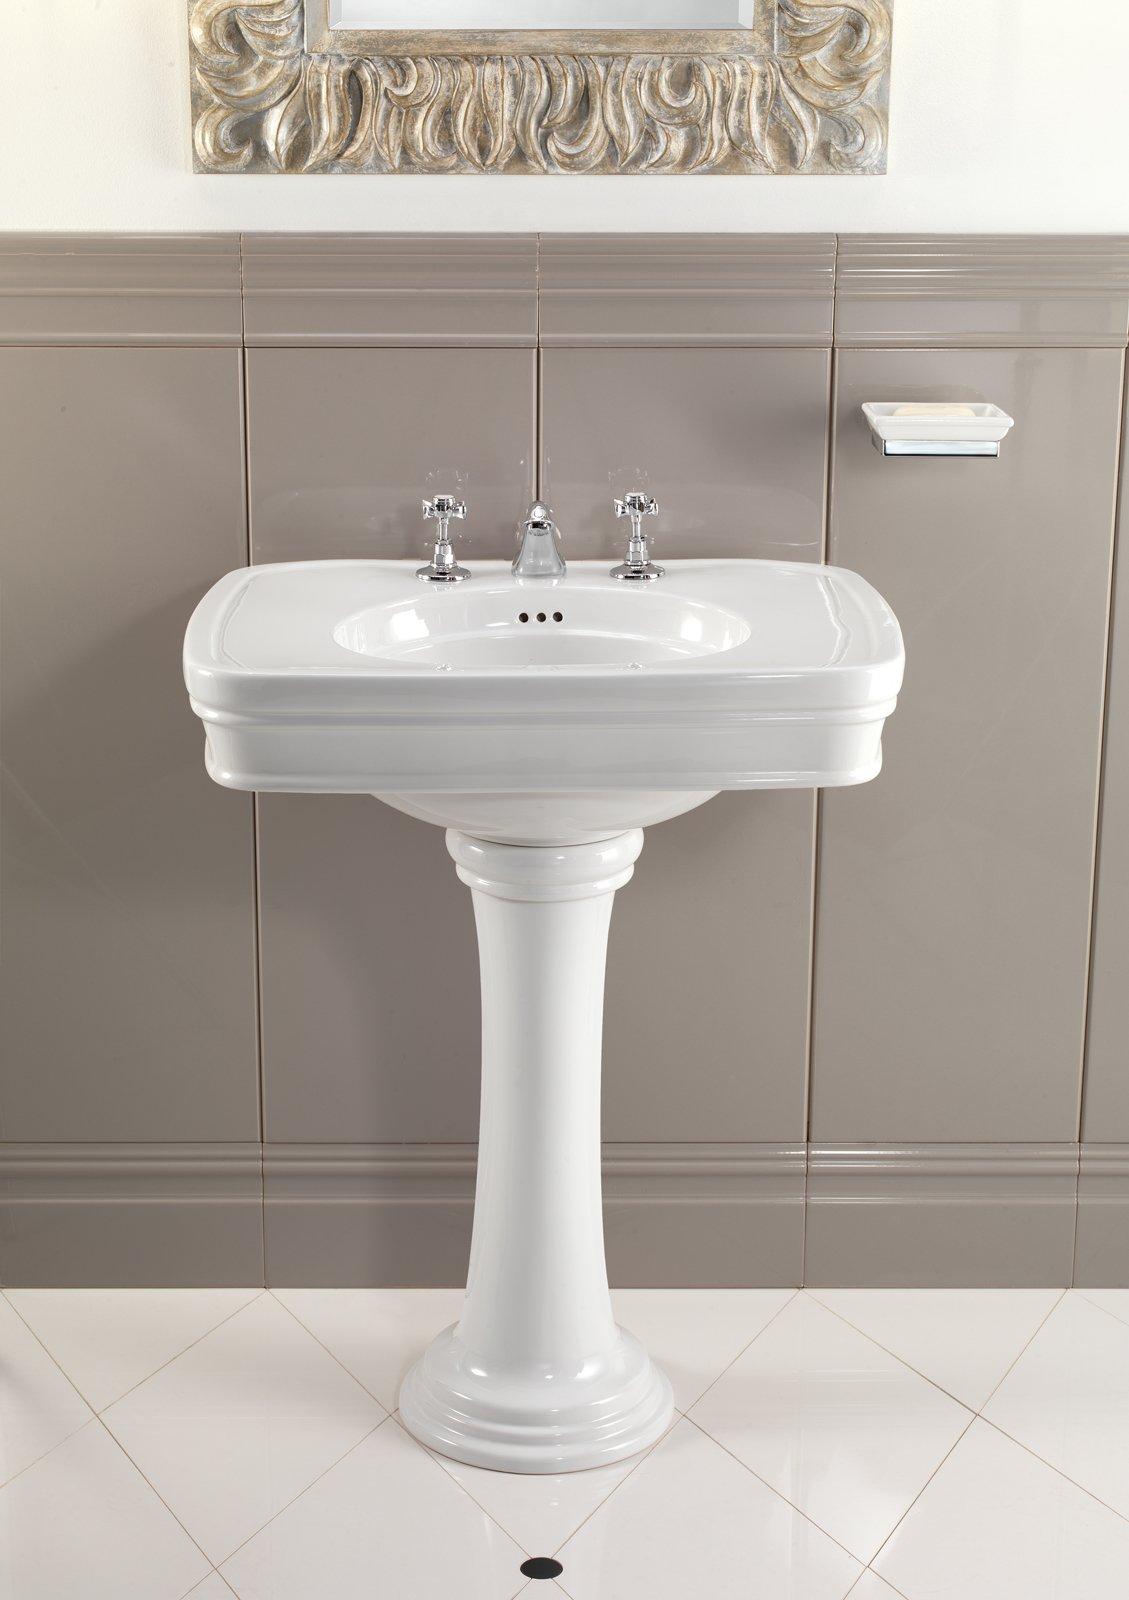 Lavabi leroy merlin great fabulous muebles de bao leroy - Muebles lavabos leroy merlin ...